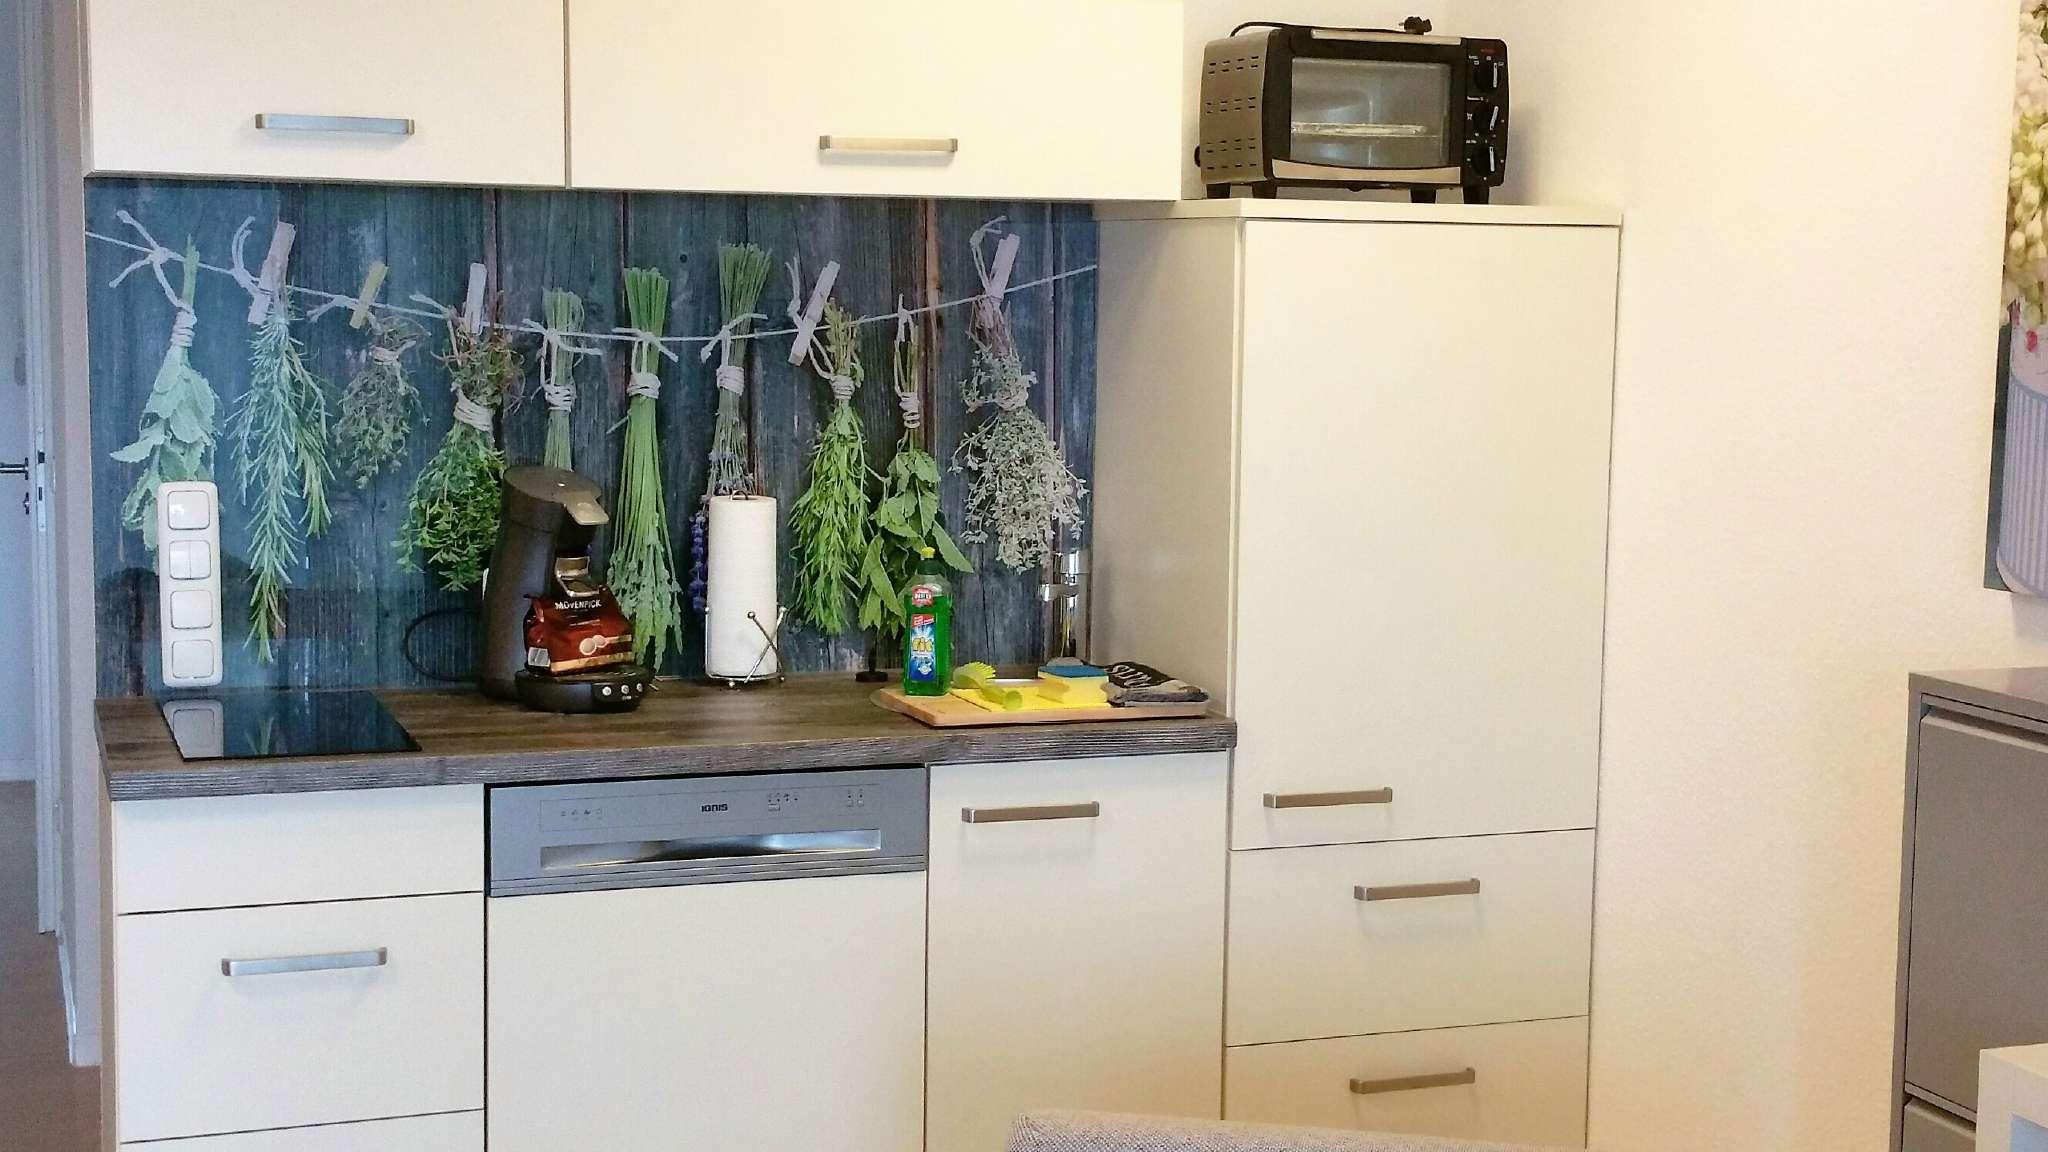 Spülmaschine, Induktion, Kühlschrank